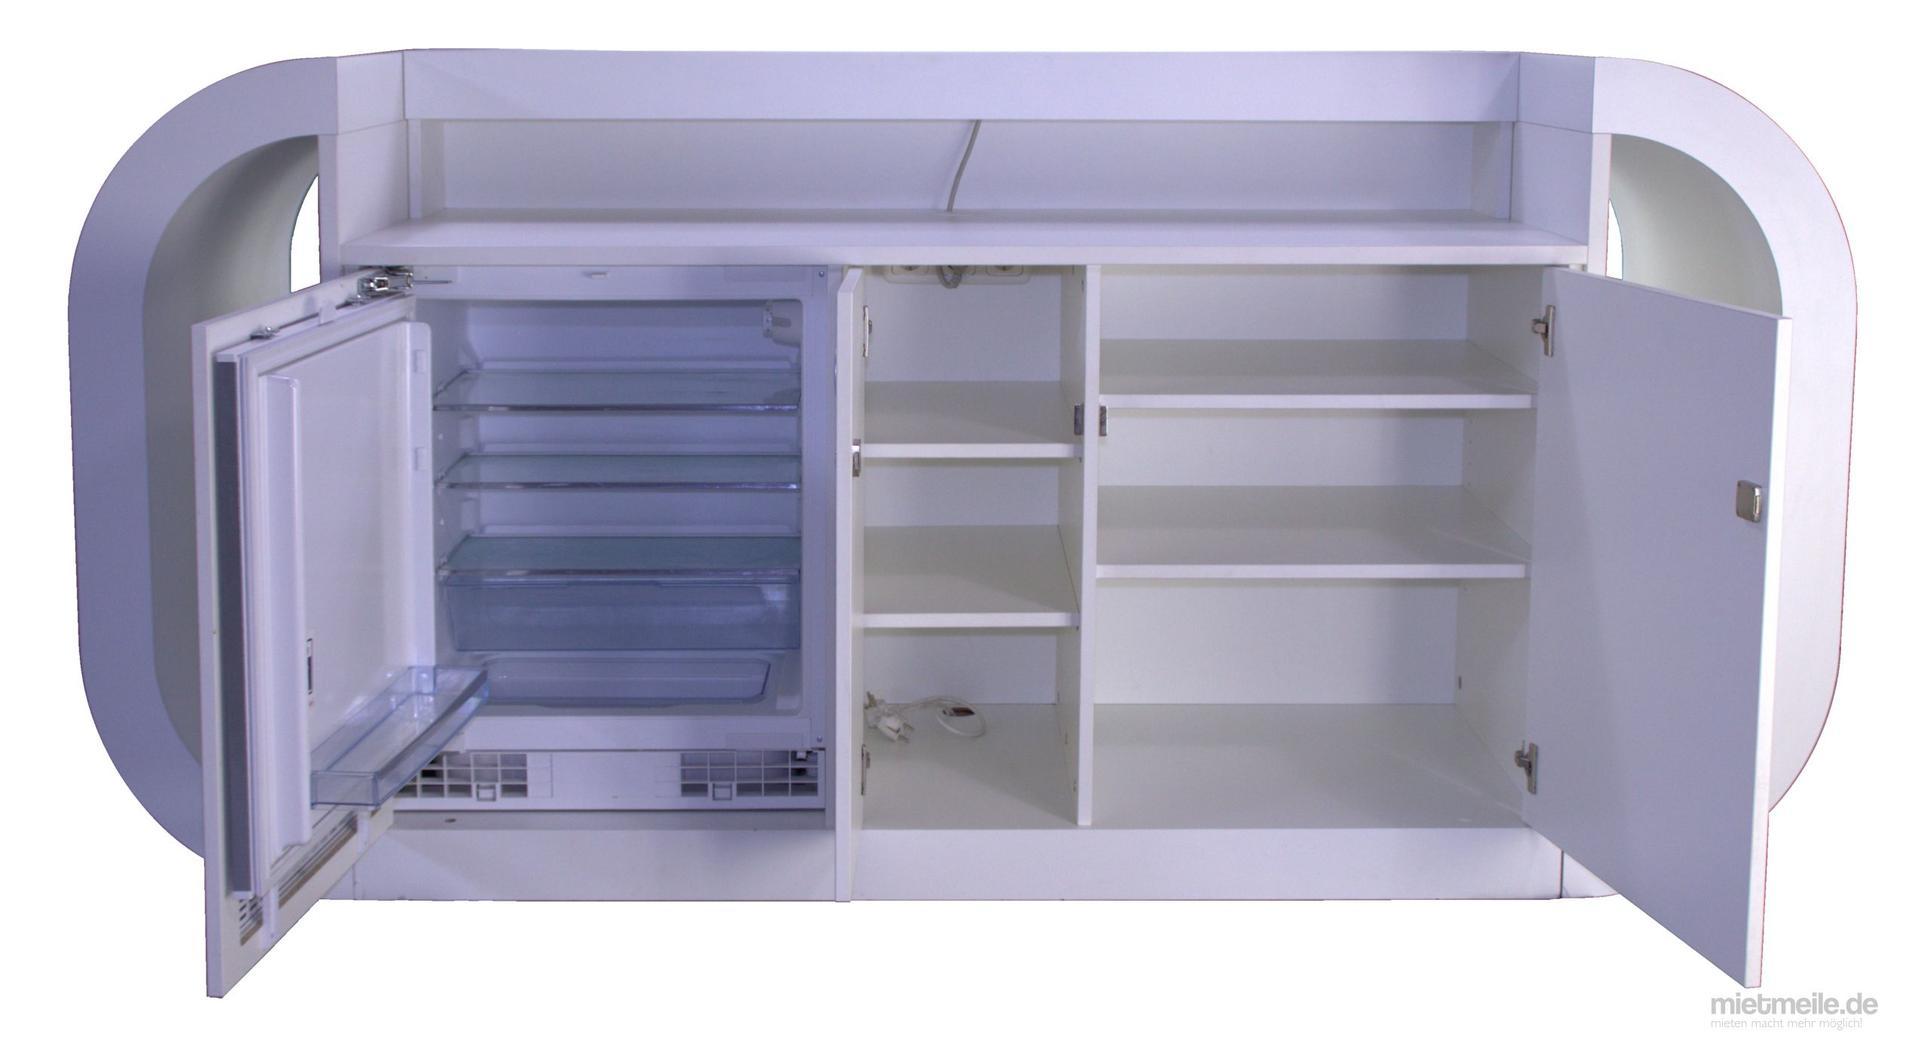 Kühlschrank Beleuchtung : Theke mit led beleuchtung in verschiedenen farben mit kühlschrank